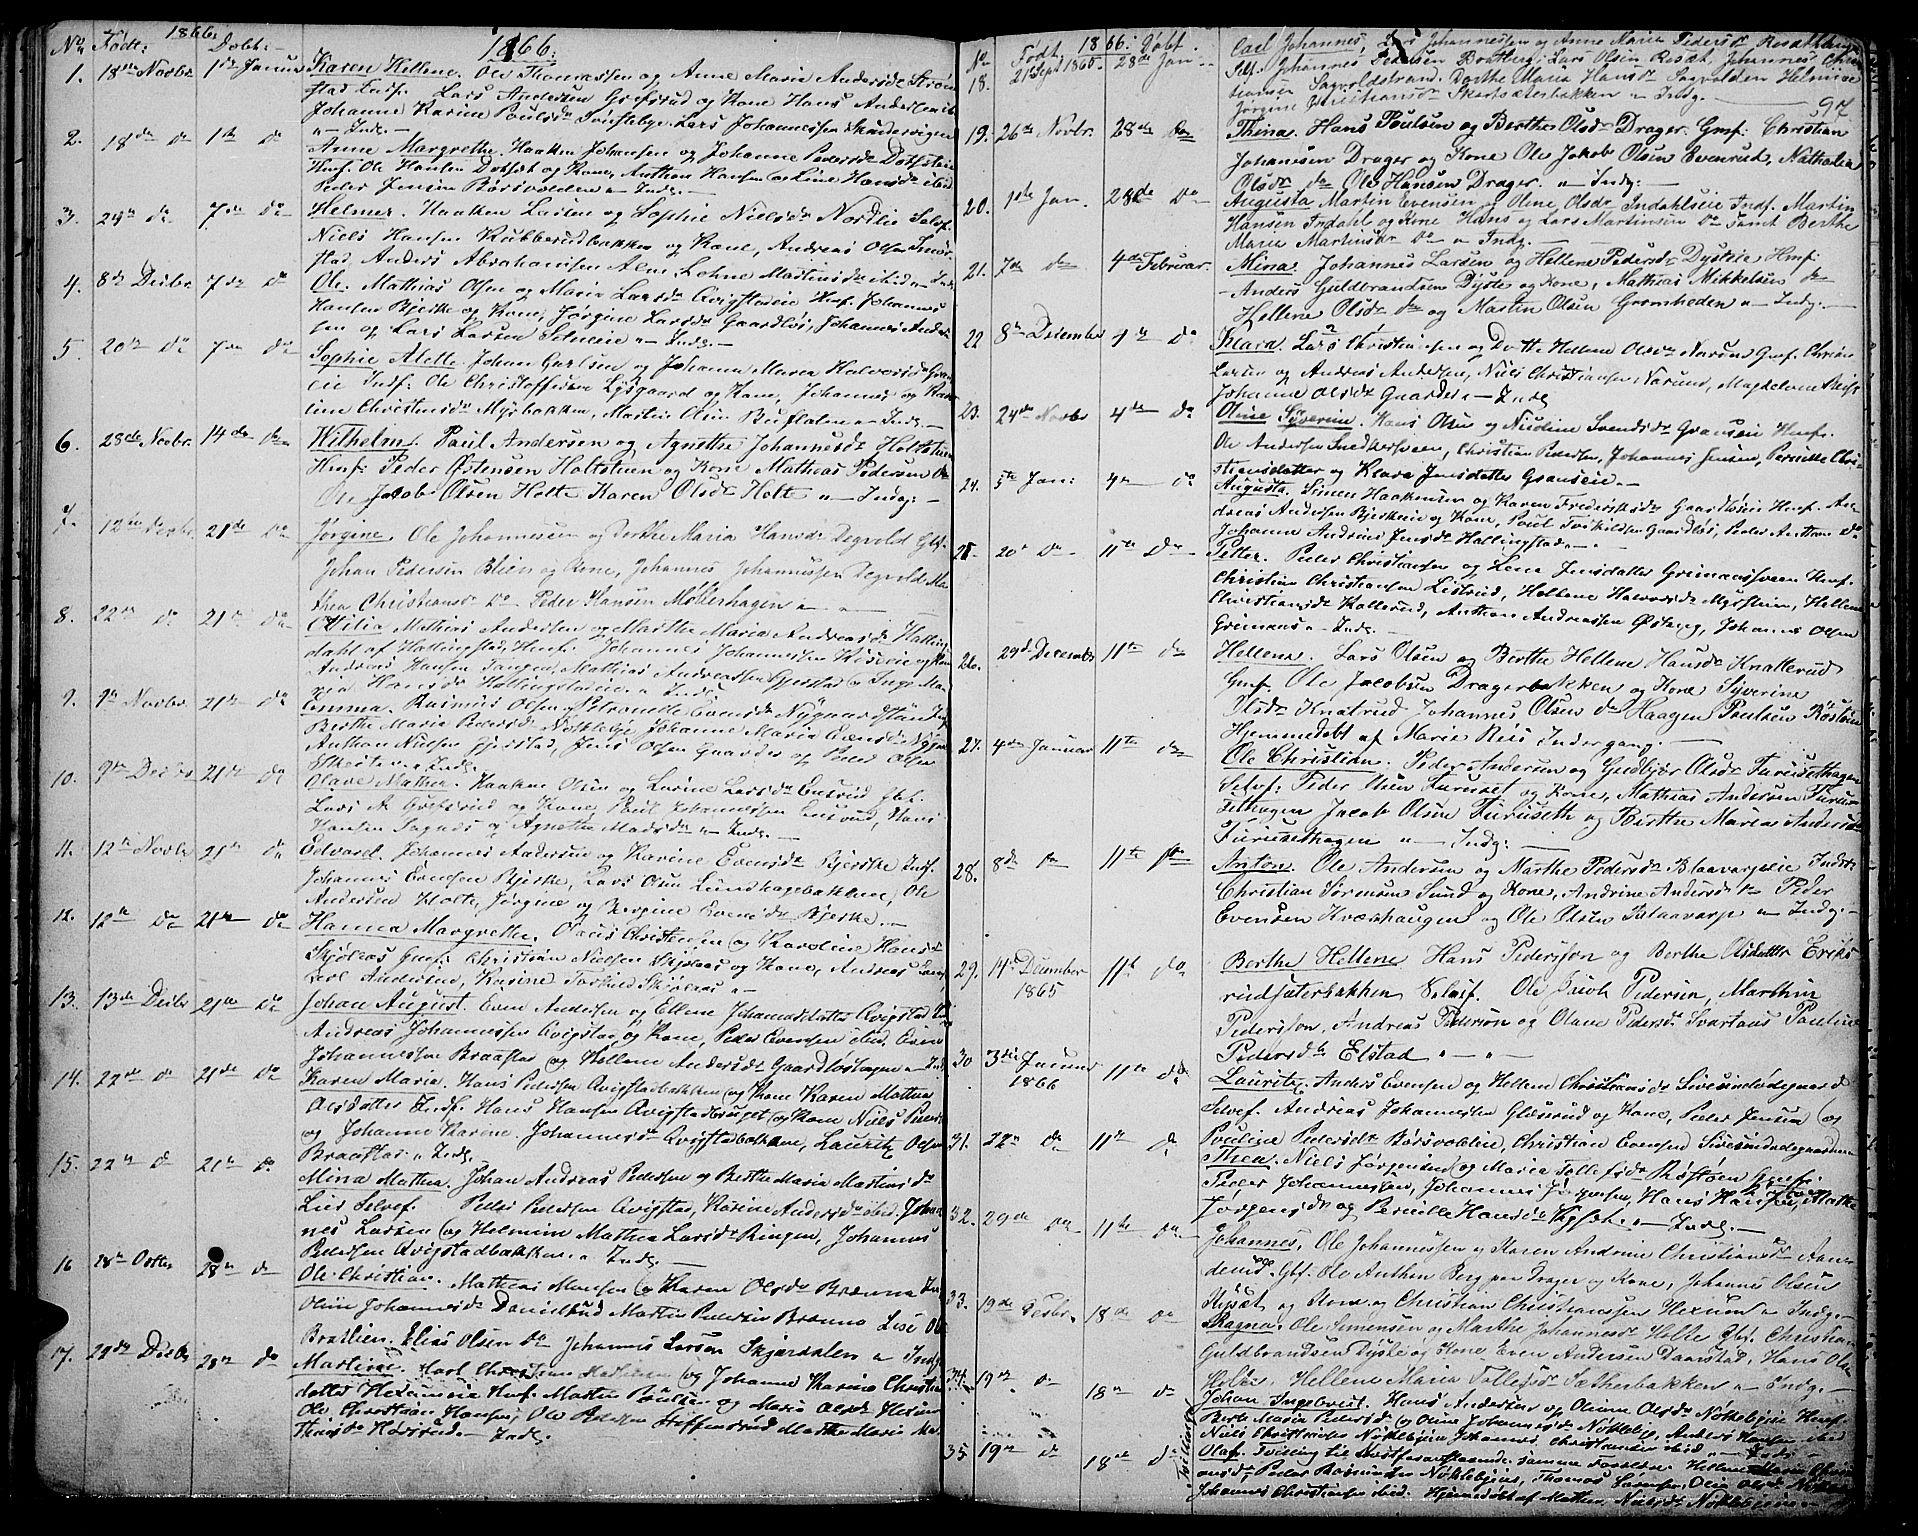 SAH, Vestre Toten prestekontor, Klokkerbok nr. 5, 1854-1870, s. 97